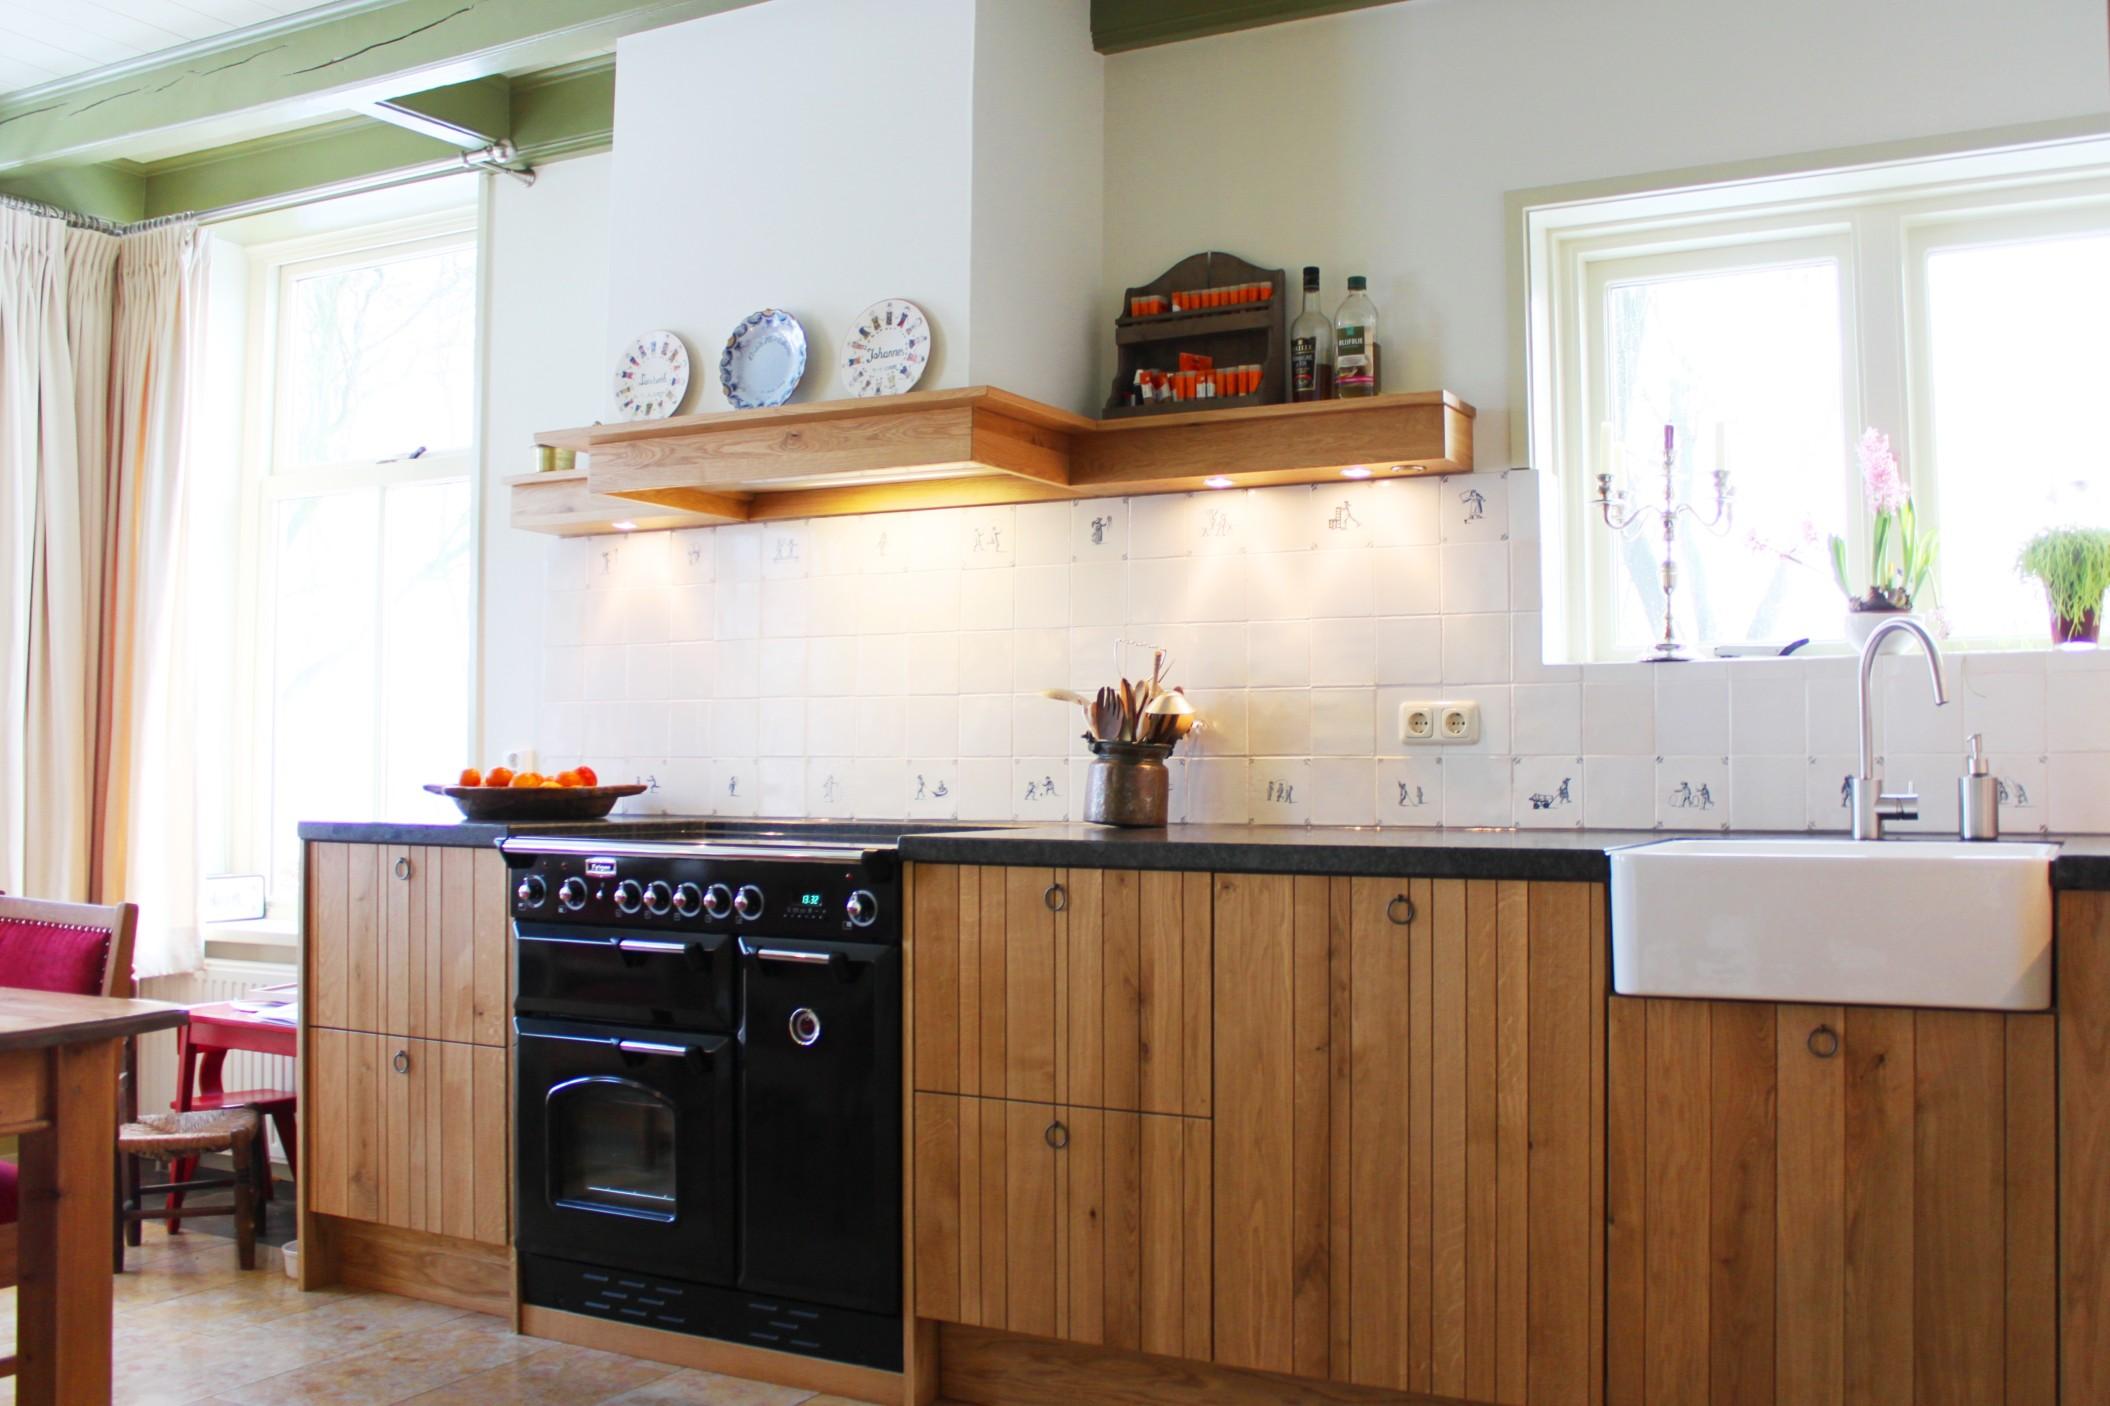 Maatwerk houten keukens van jp walker nieuws startpagina voor keuken idee n uw - Zwarte houten keuken ...